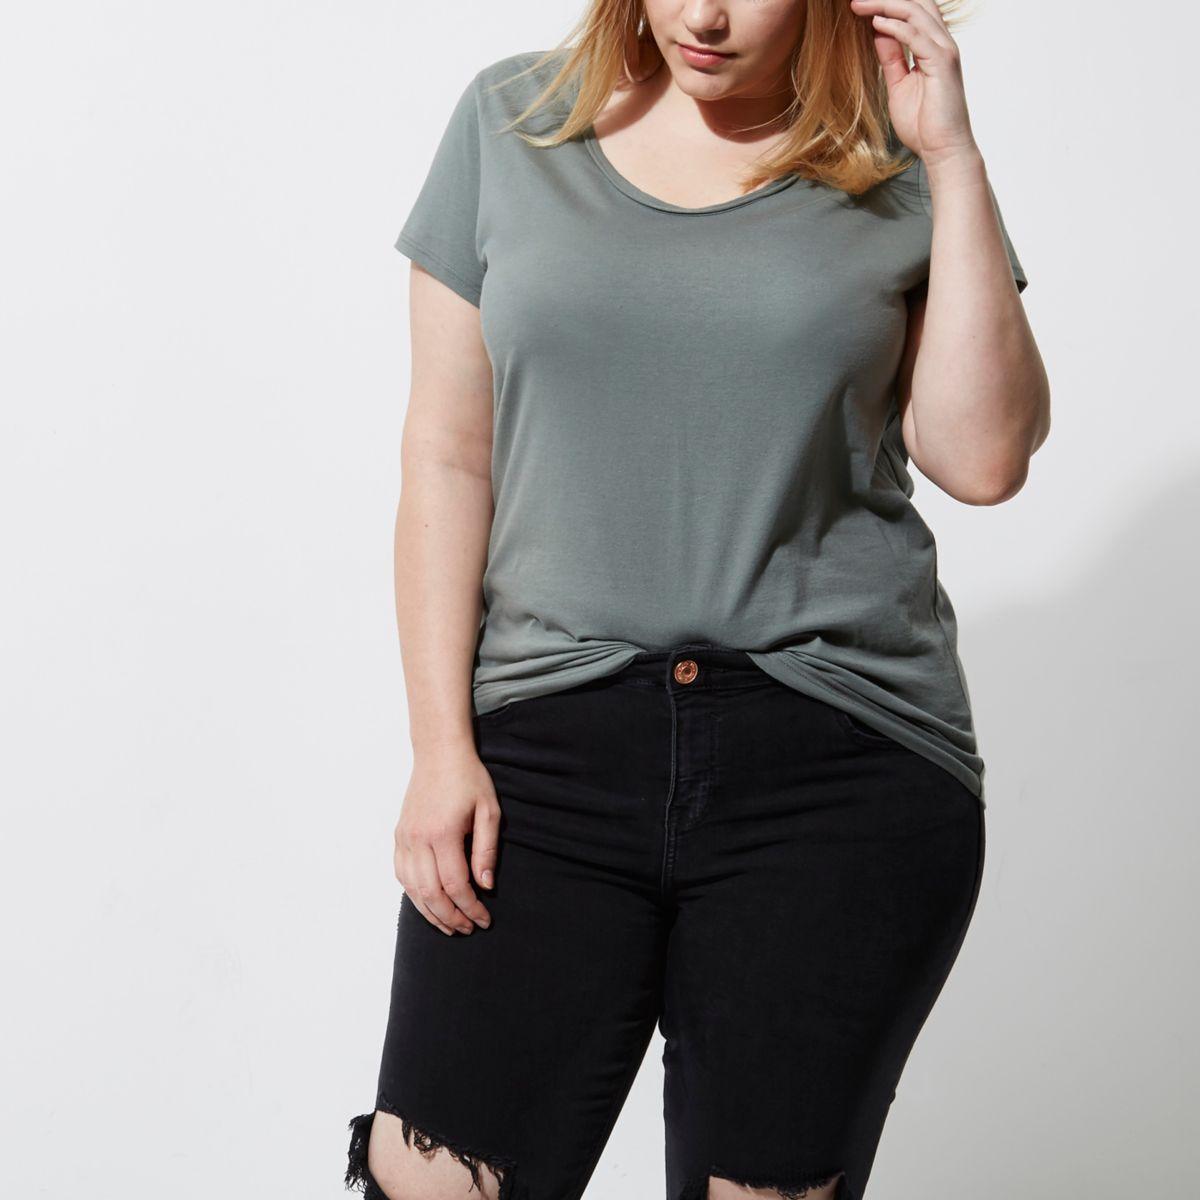 Plus - T-Shirt in Khaki mit U-Ausschnitt